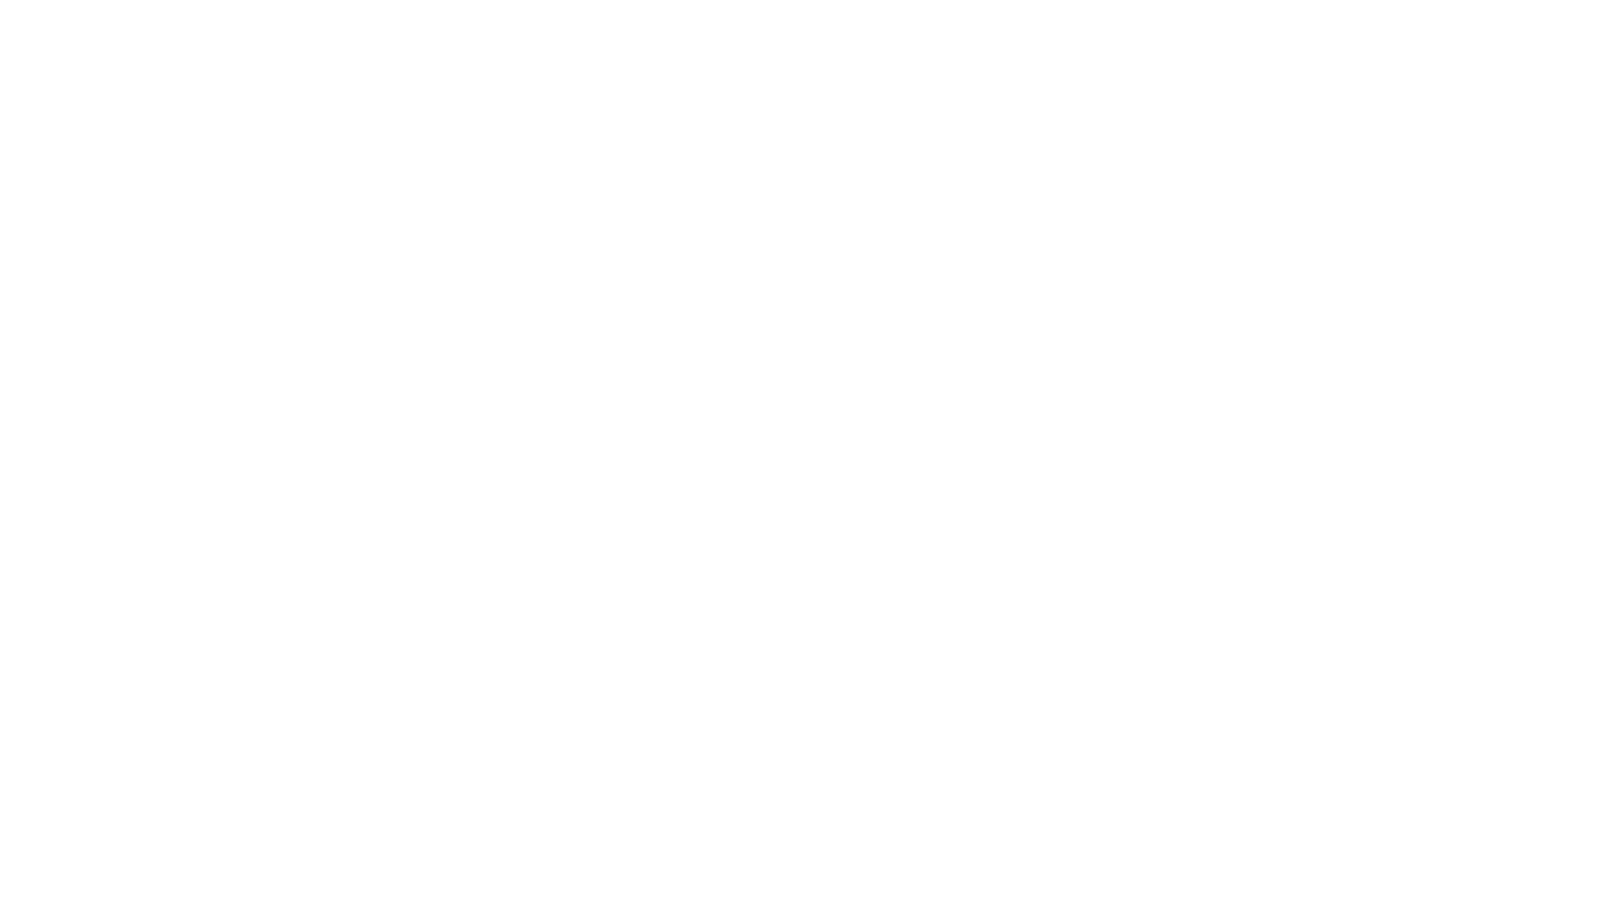 L'édition 2021 du Festi'45, organisée par l'Espace Culturel Marico, s'est déroulée du 26 au 29 mai 2021. Le festival itinérant a proposé cette année 8 événements gratuits sur 5 communes du Loiret (Orléans, Fleury-les-Aubrais, Montargis, Courtenay et Olivet) et invité les petits comme les grands à se laisser porter au gré des contes, histoires et récits du monde. Sa programmation éclectique nous a offert émotions, partage et évasion dans un environnement convivial et chaleureux. De l'épopée fantastique à travers le désert et la savane de Rachid Akbal à l'histoire des deux Cendrillons, de France et du Viêtnam, en passant par les récits des quatre coins du monde de Muriel Bloch, le festival nous a invité au voyage. Il est aussi apparut comme une possibilité de lâcher prise, bercé au son de la cythare hongroise et flûte de pan avec le conte musical de Michel Hindenoch ou encore de vibrer au son des percussions d'Edmond Bolo. Le festival s'est clôturé sur une rencontre entre les conteurs et amoureux de la parole à l'atelier calligraphie Salih, pour partager ensemble une parole, des récits, un repas, accompagné de danses et percussions. Cette édition s'est présentée comme une occasion unique de plonger à travers les arts de l'oralité du monde mis en scène par des artistes exceptionnels. L'occasion de s'offrir, ensemble, un moment de liberté, un dépaysement enchanté loin de la parole confinée.